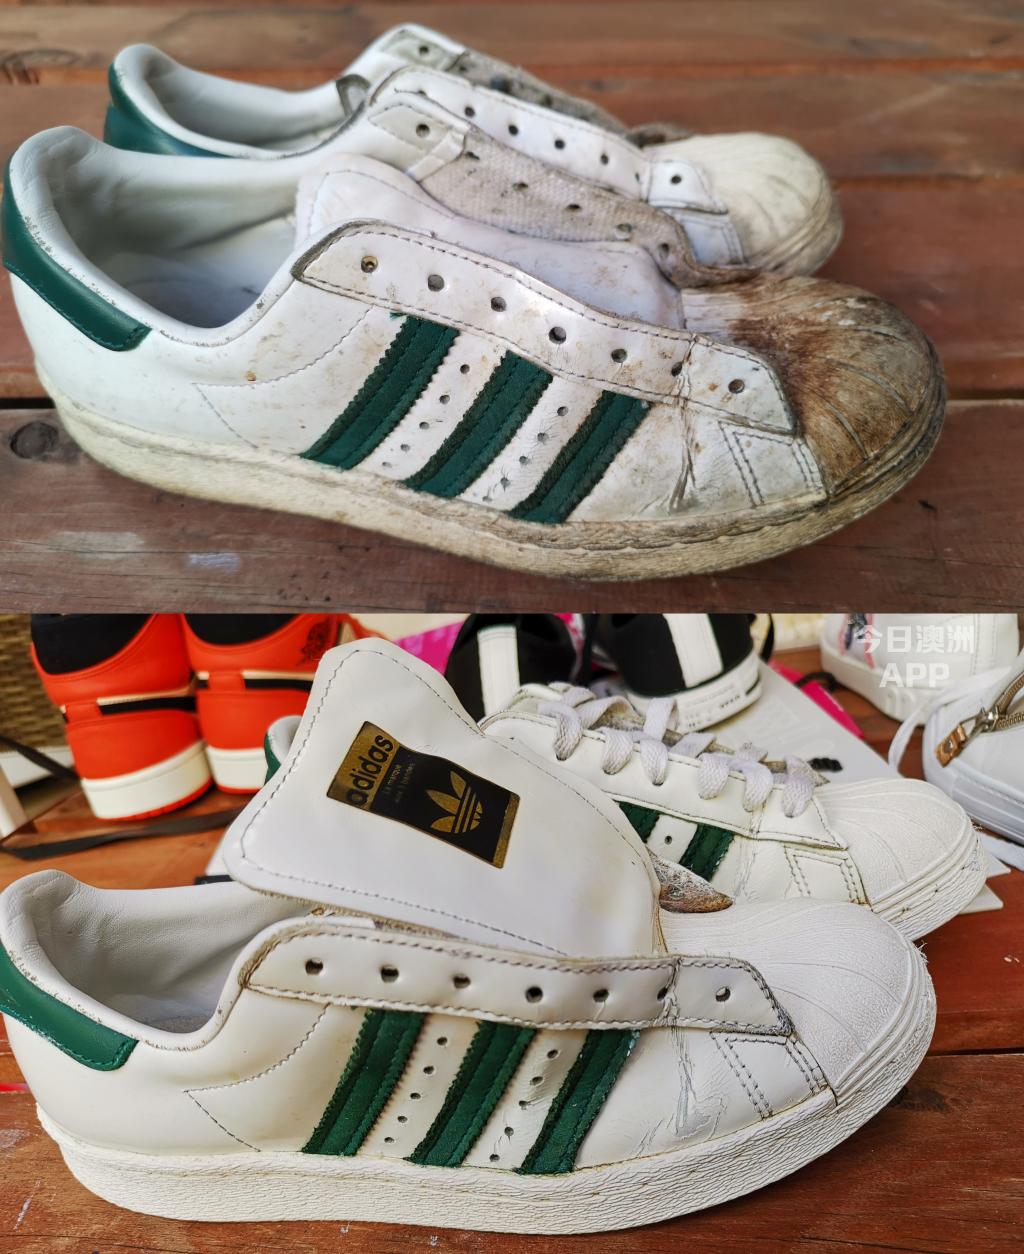 悉尼专业洗鞋保养鞋子 价格便宜上门取送